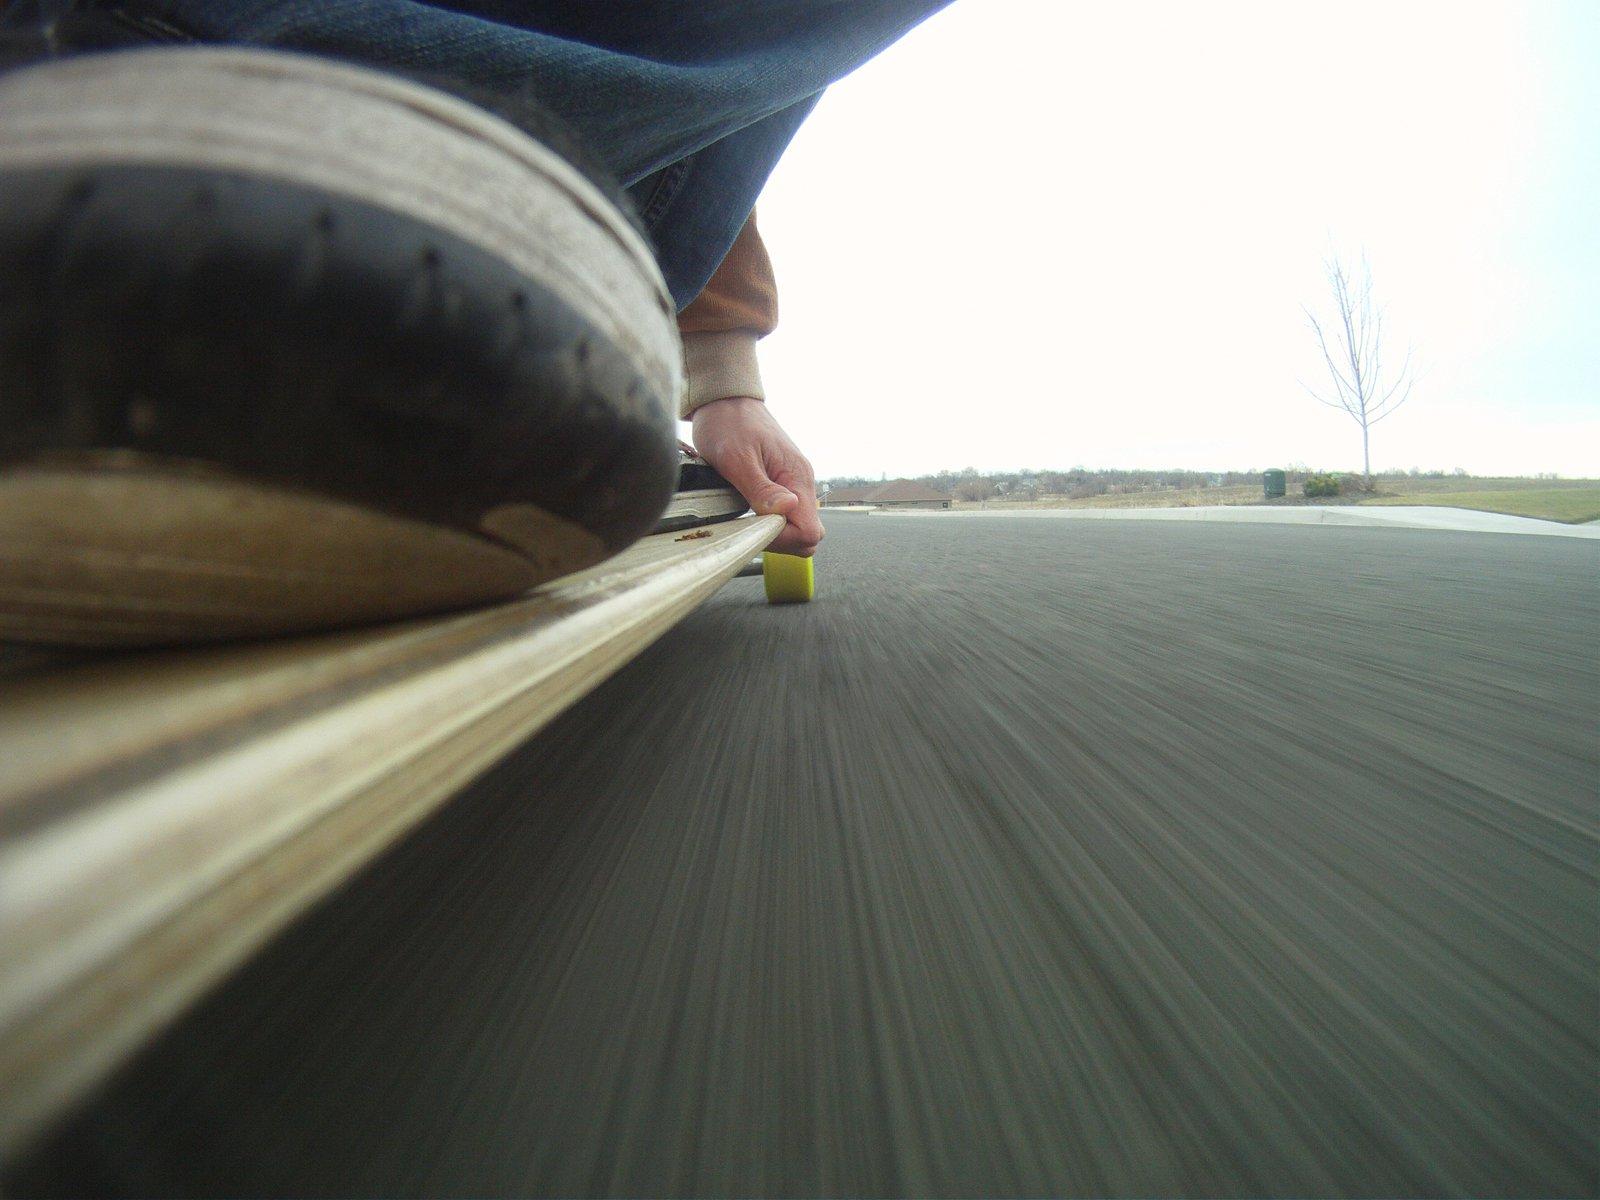 Slightly creative GoPro shot.